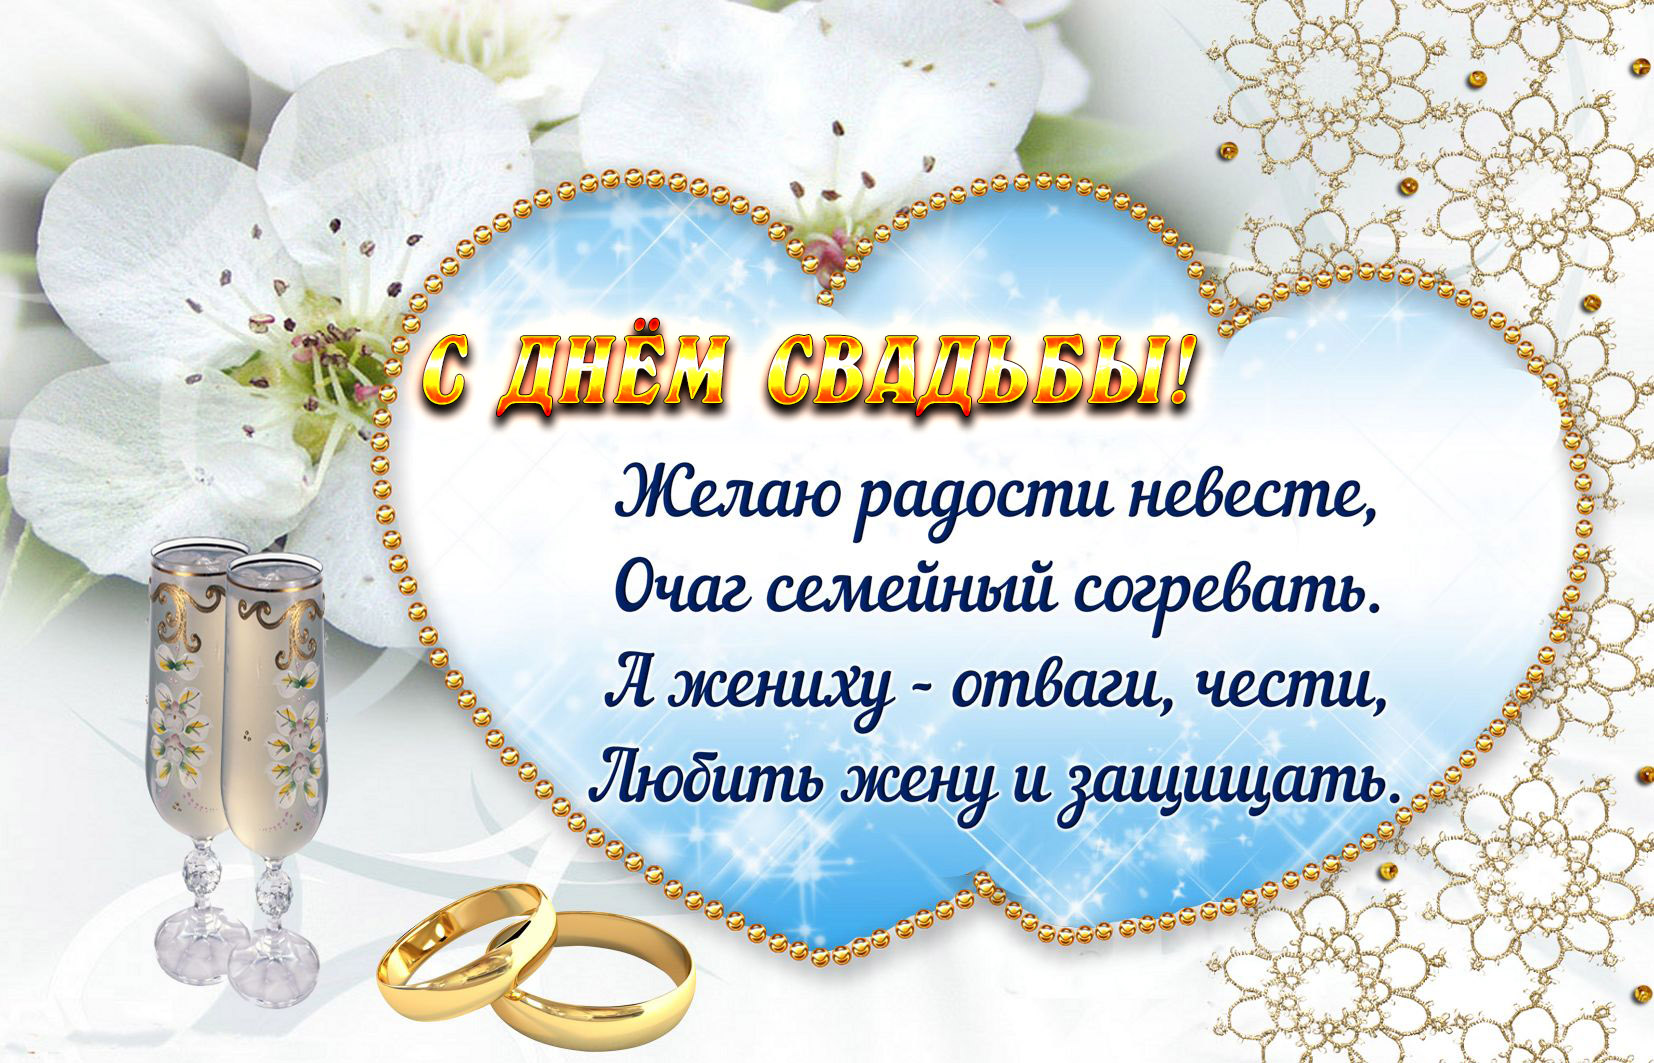 Найти поздравления на свадьбу молодым стихи